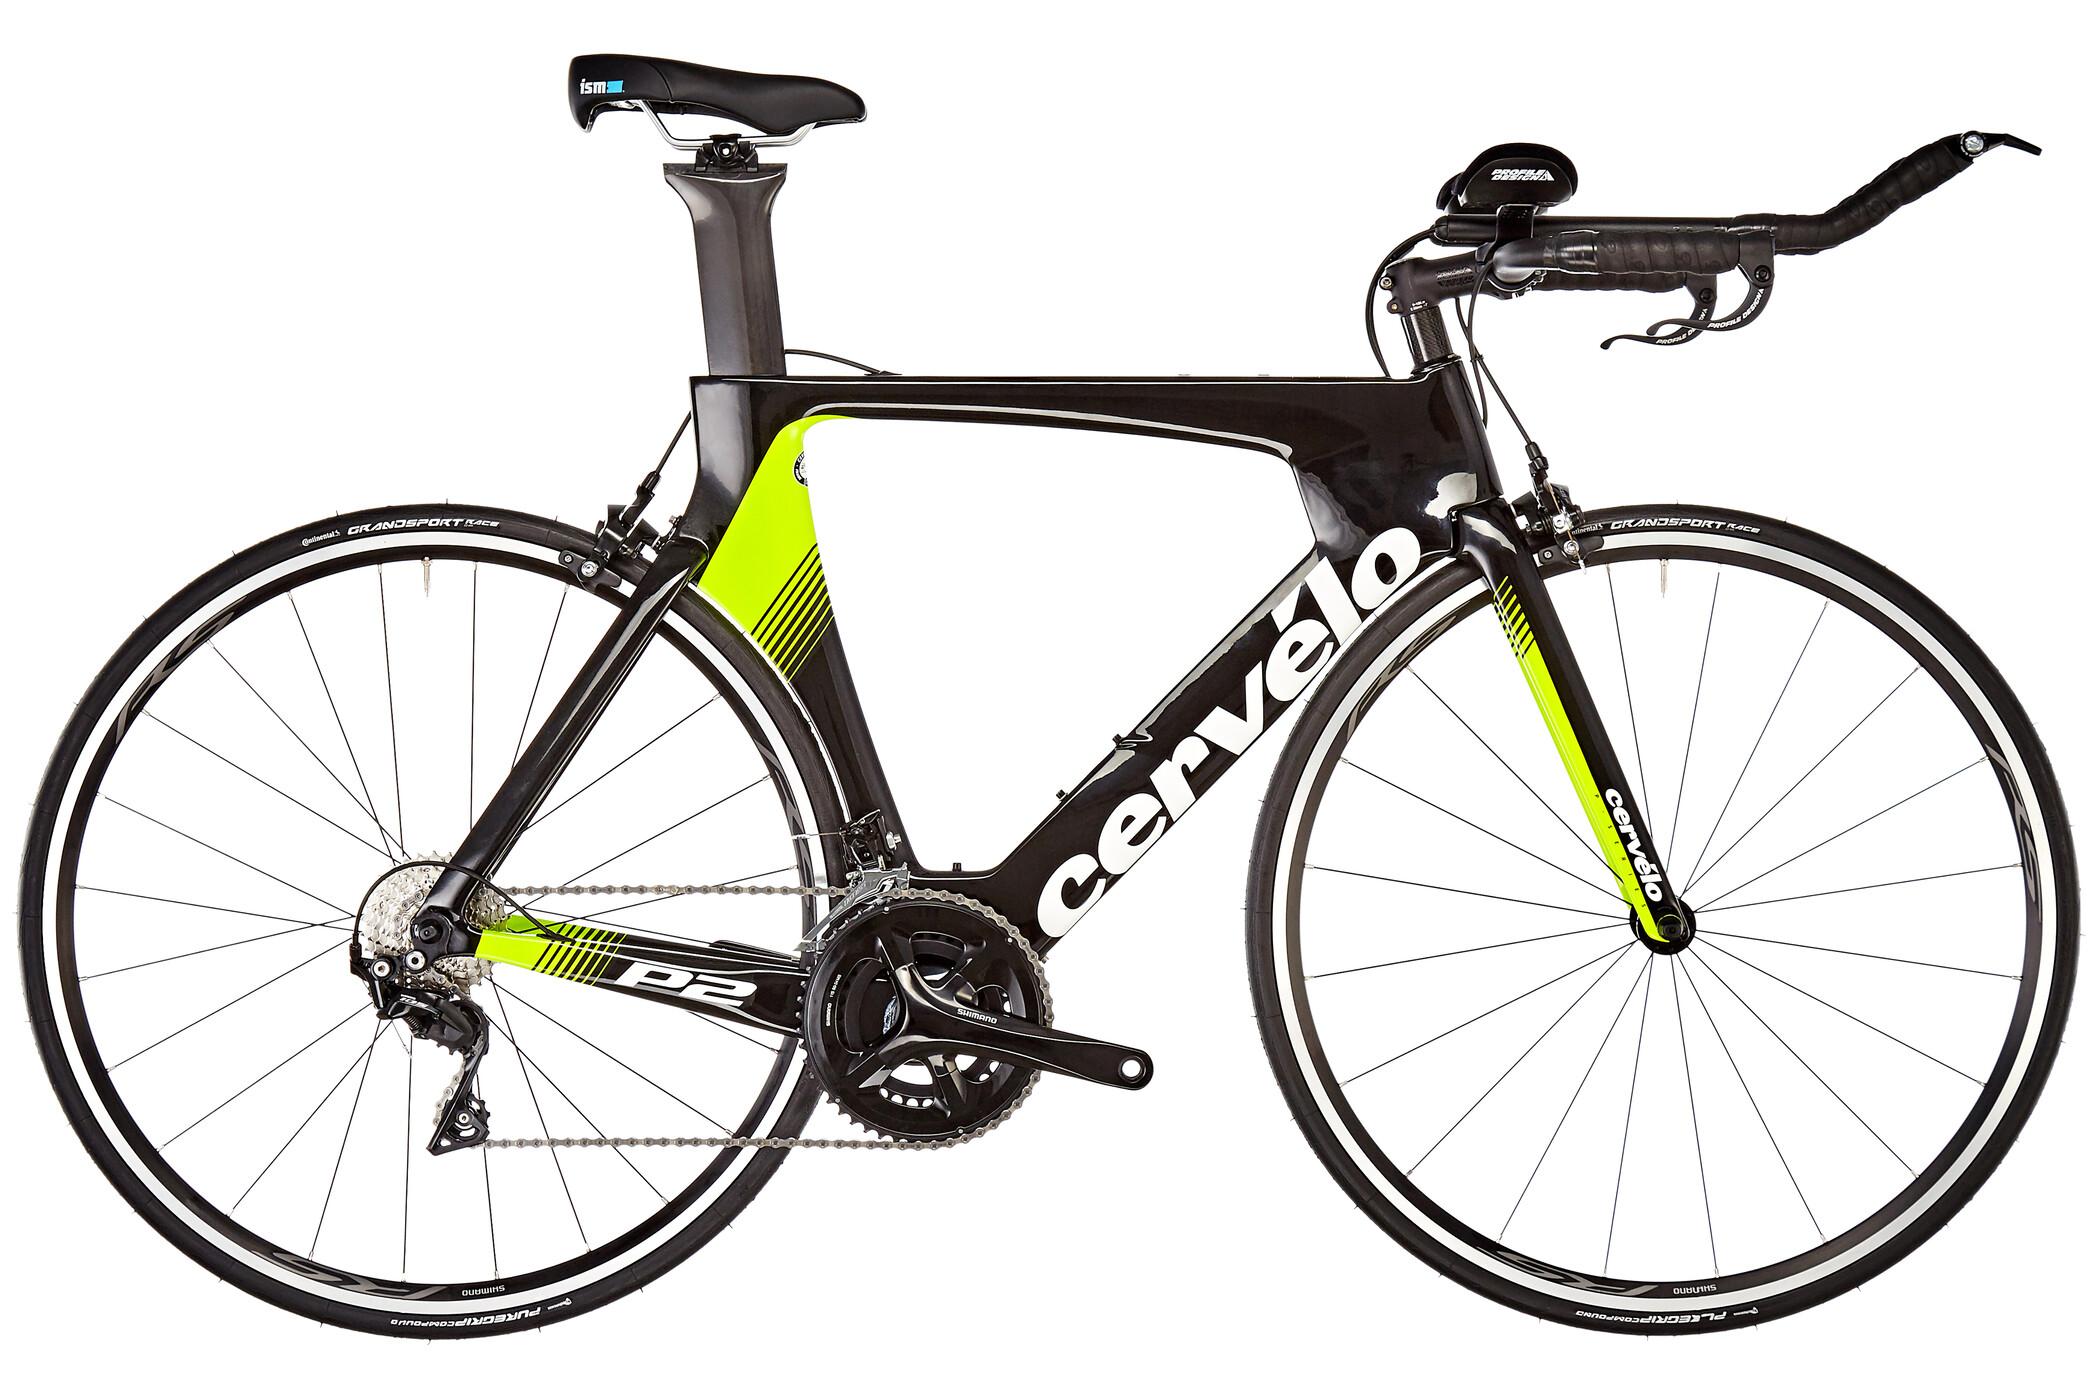 Cervelo P2 105 7000, black/white/yellow | Tri/time trial